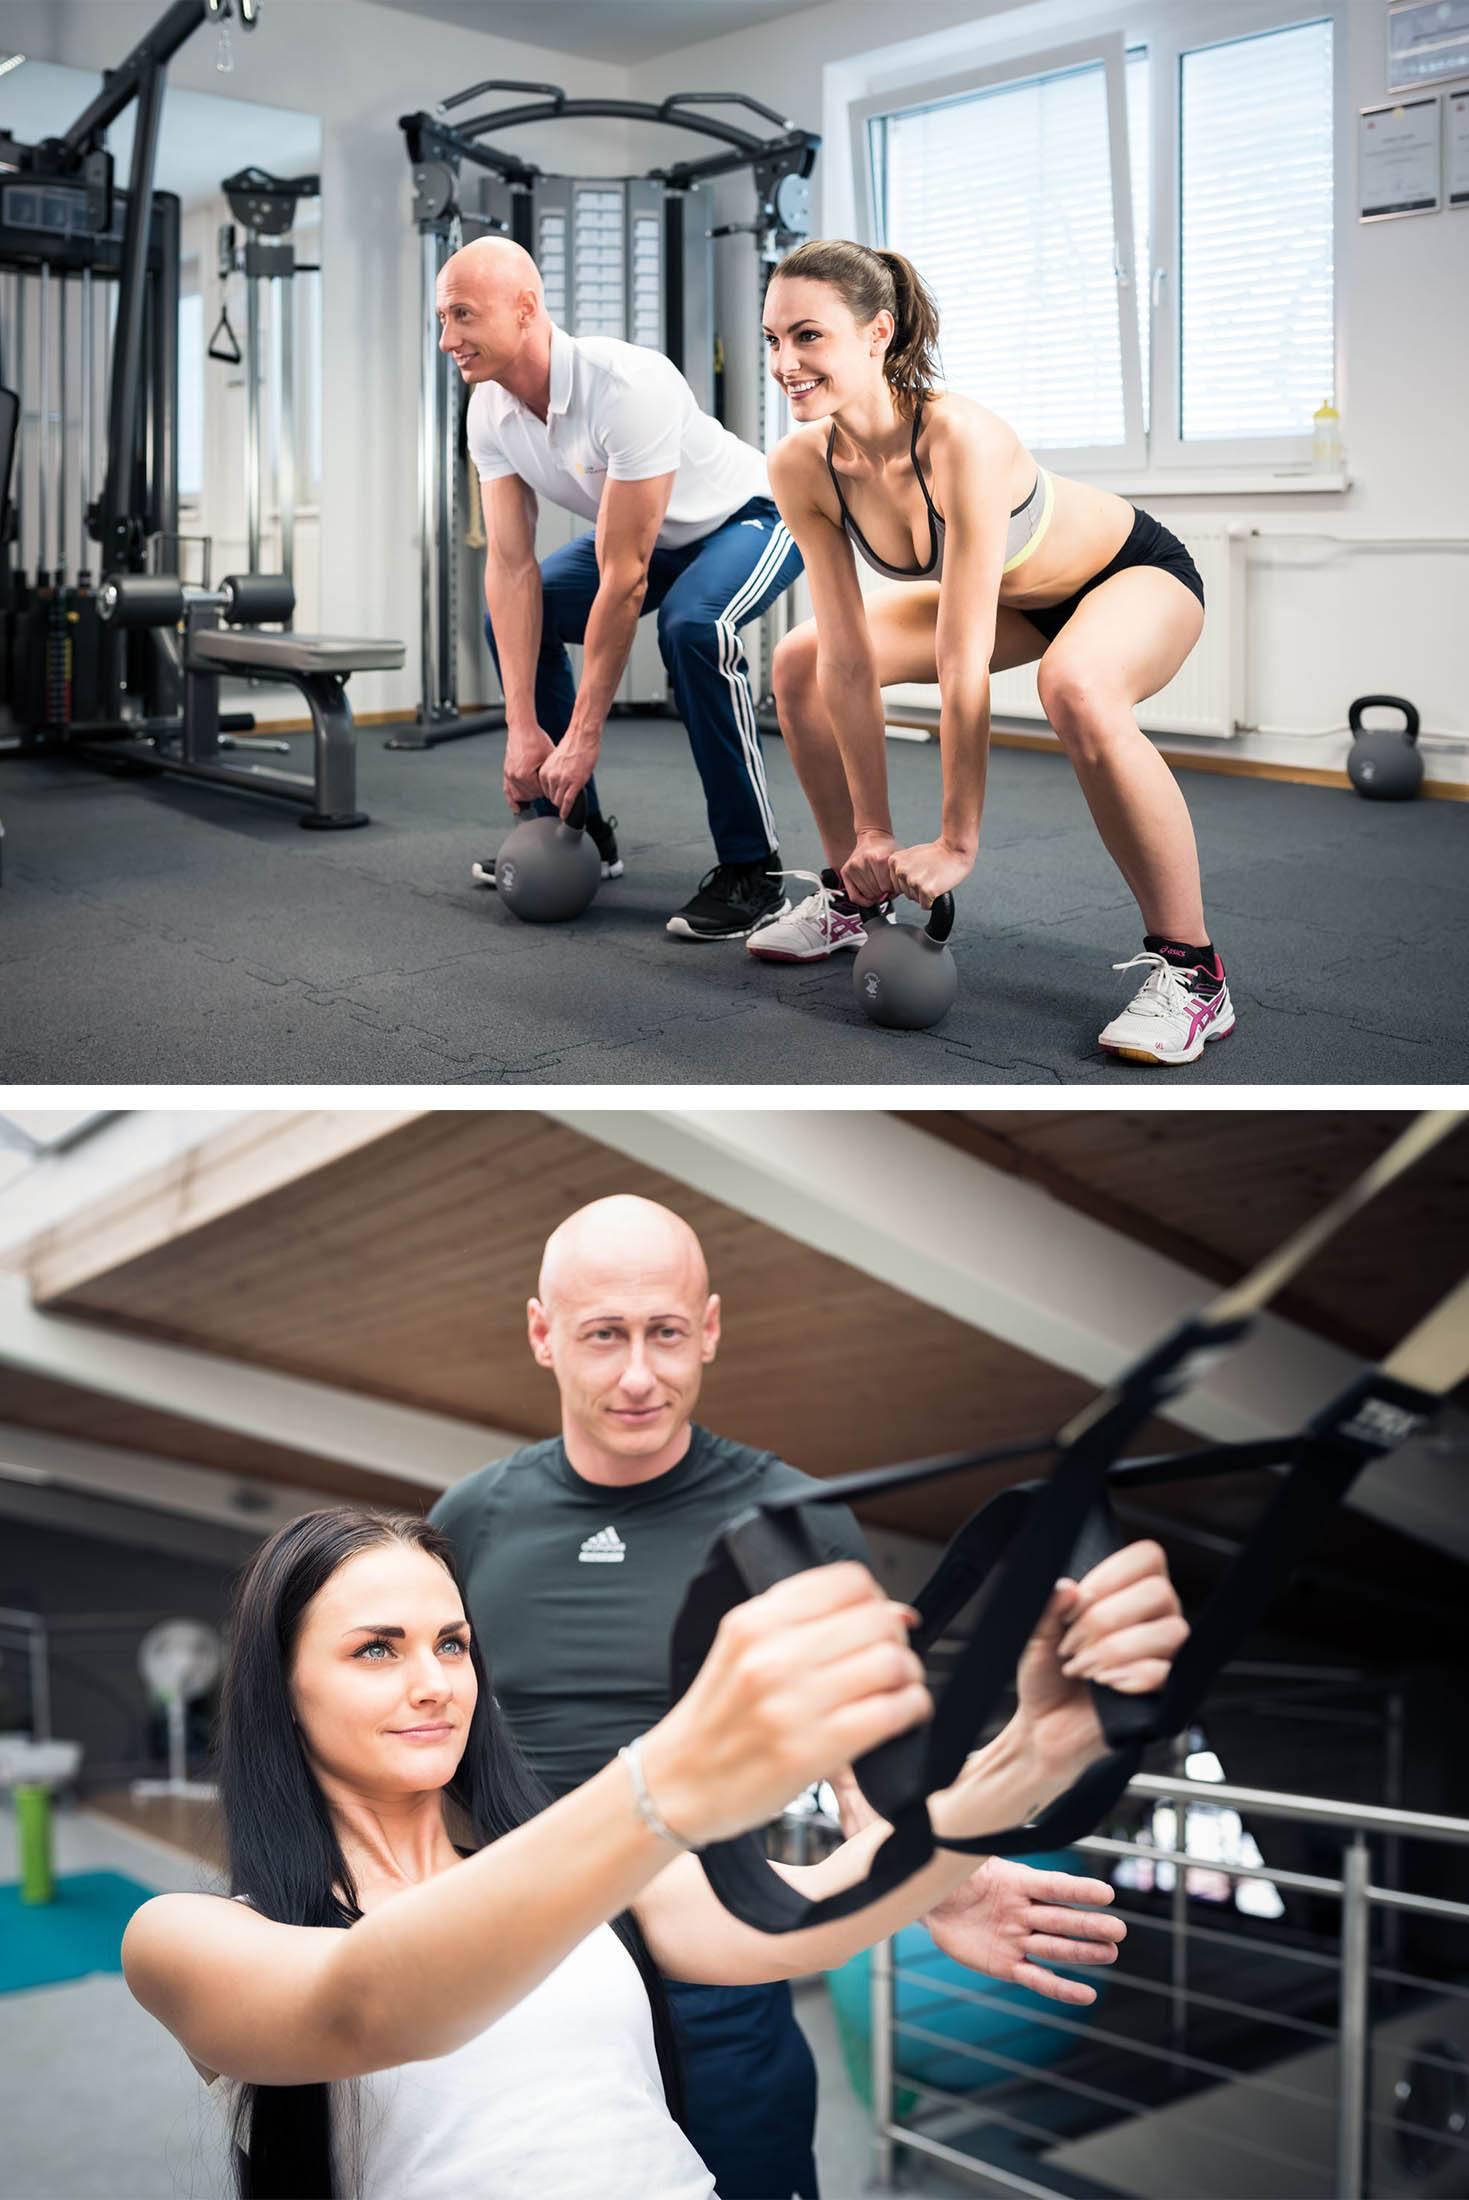 Fitnessfotos & Produktfotos